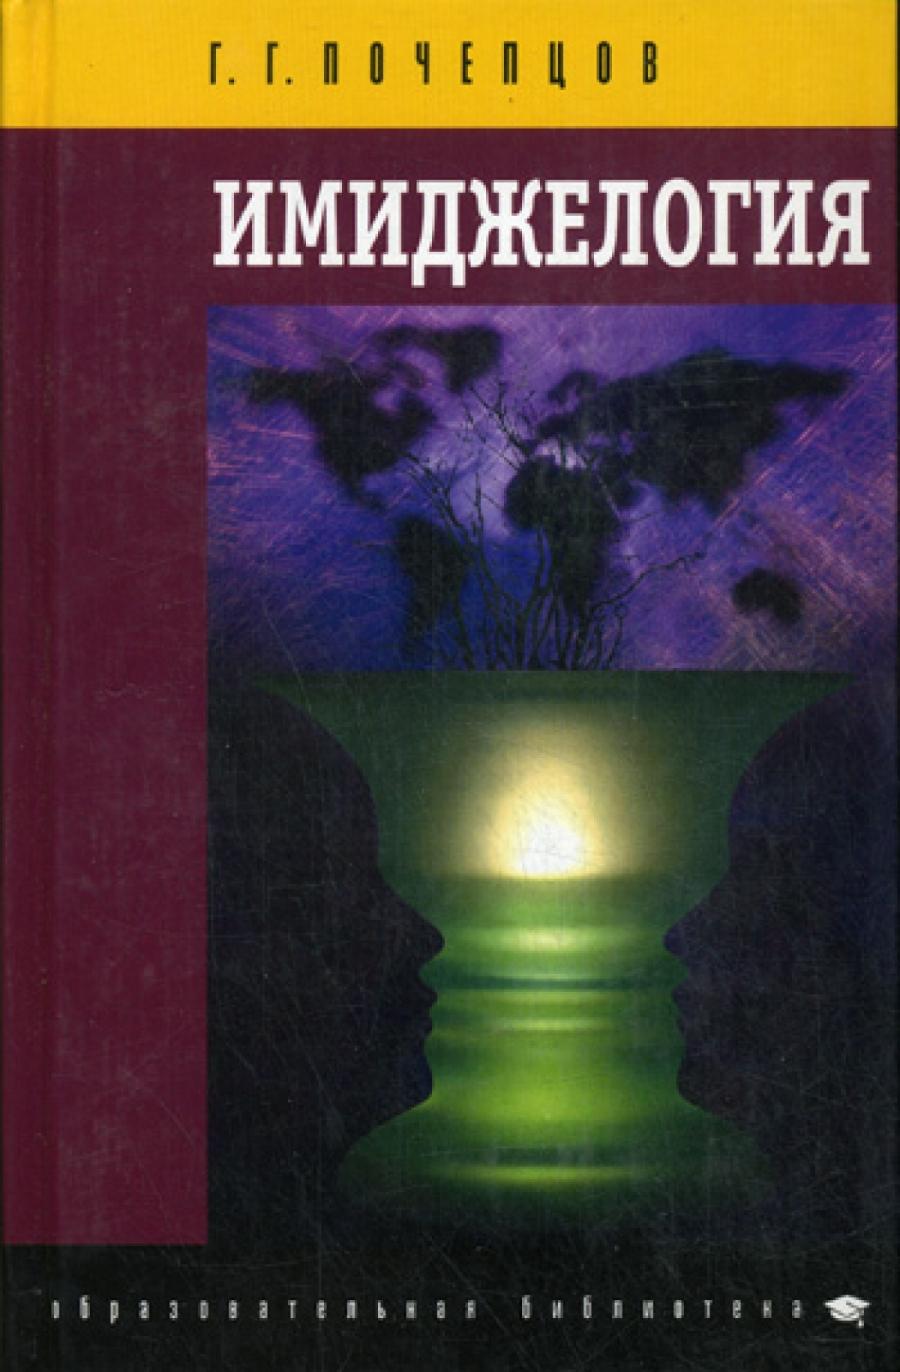 Обложка книги:  почепцов г.г. - имиджелогия